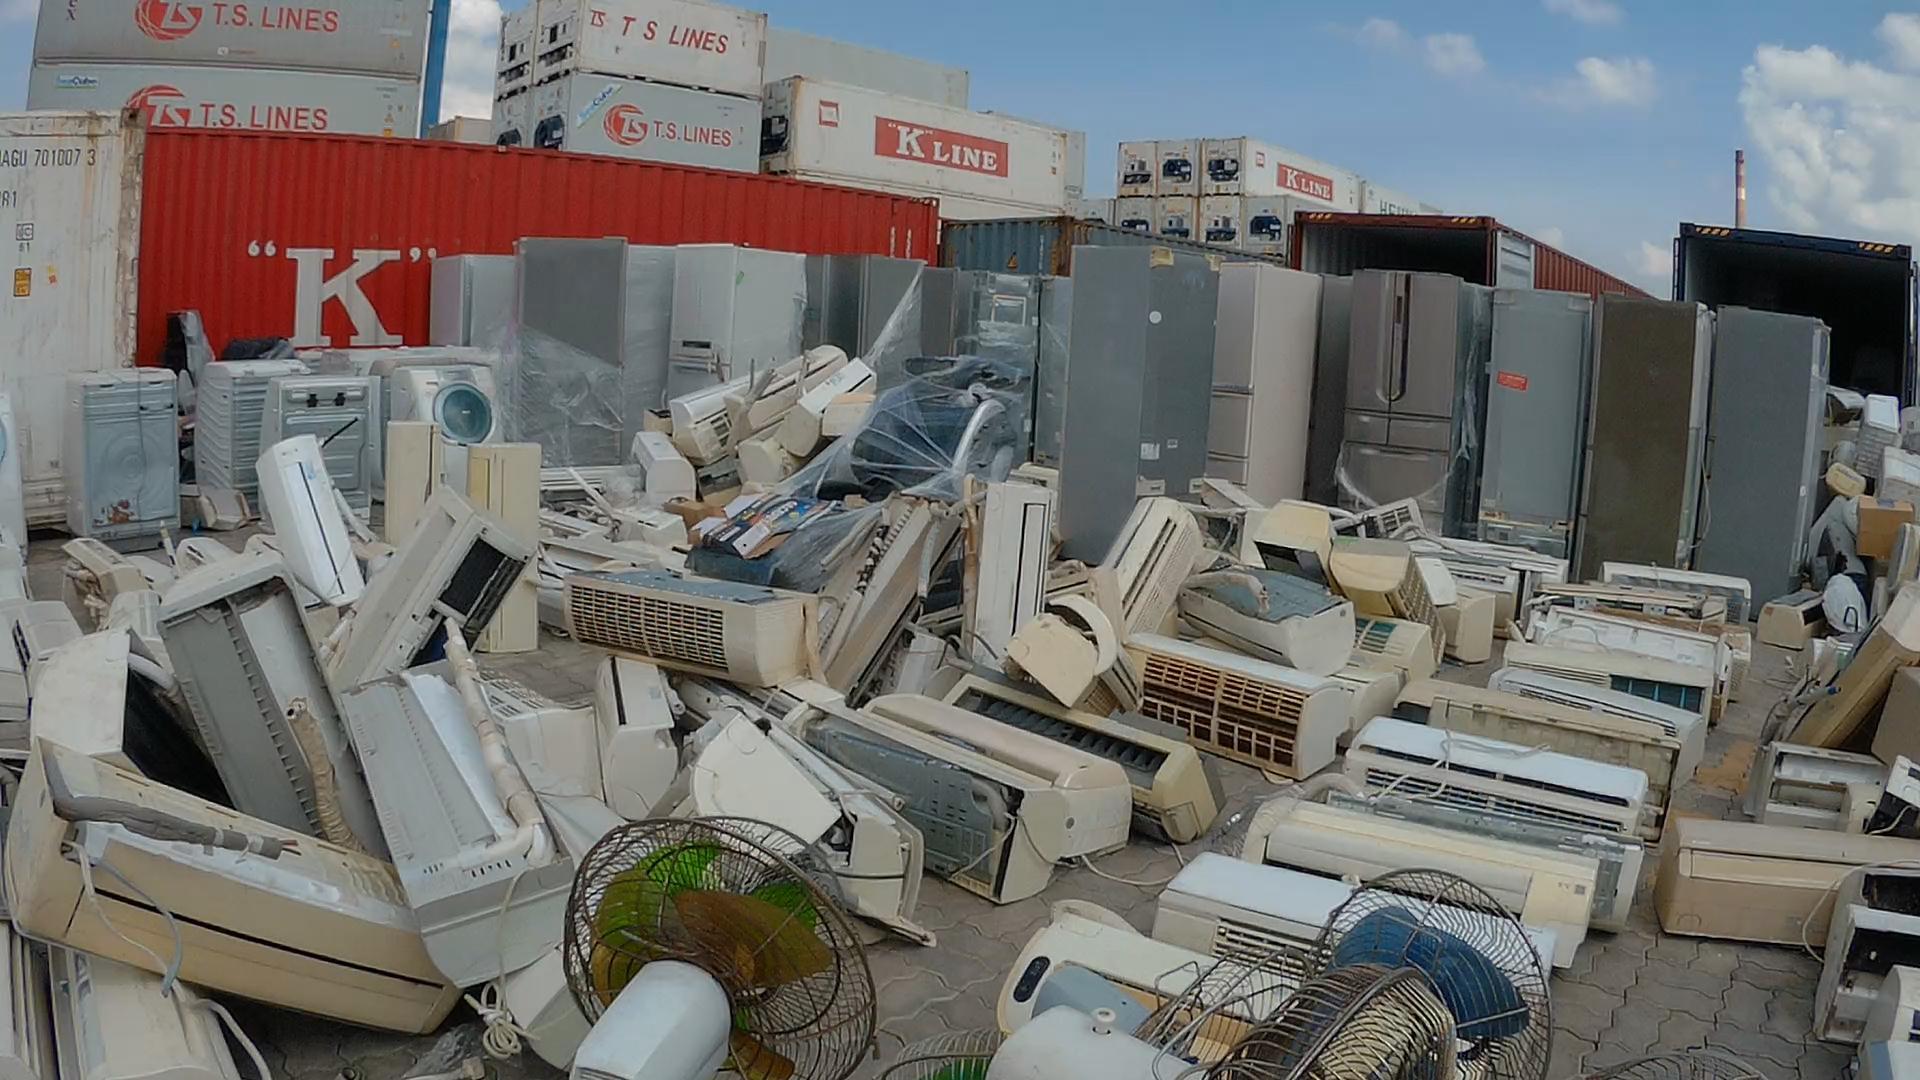 Mua bán, thanh lý ,điều hòa, tủ lạnh, máy giặt , đồ điện cũ tại các công ty nhà xưởng gia đình tại hà nội & các tỉnh lân cận